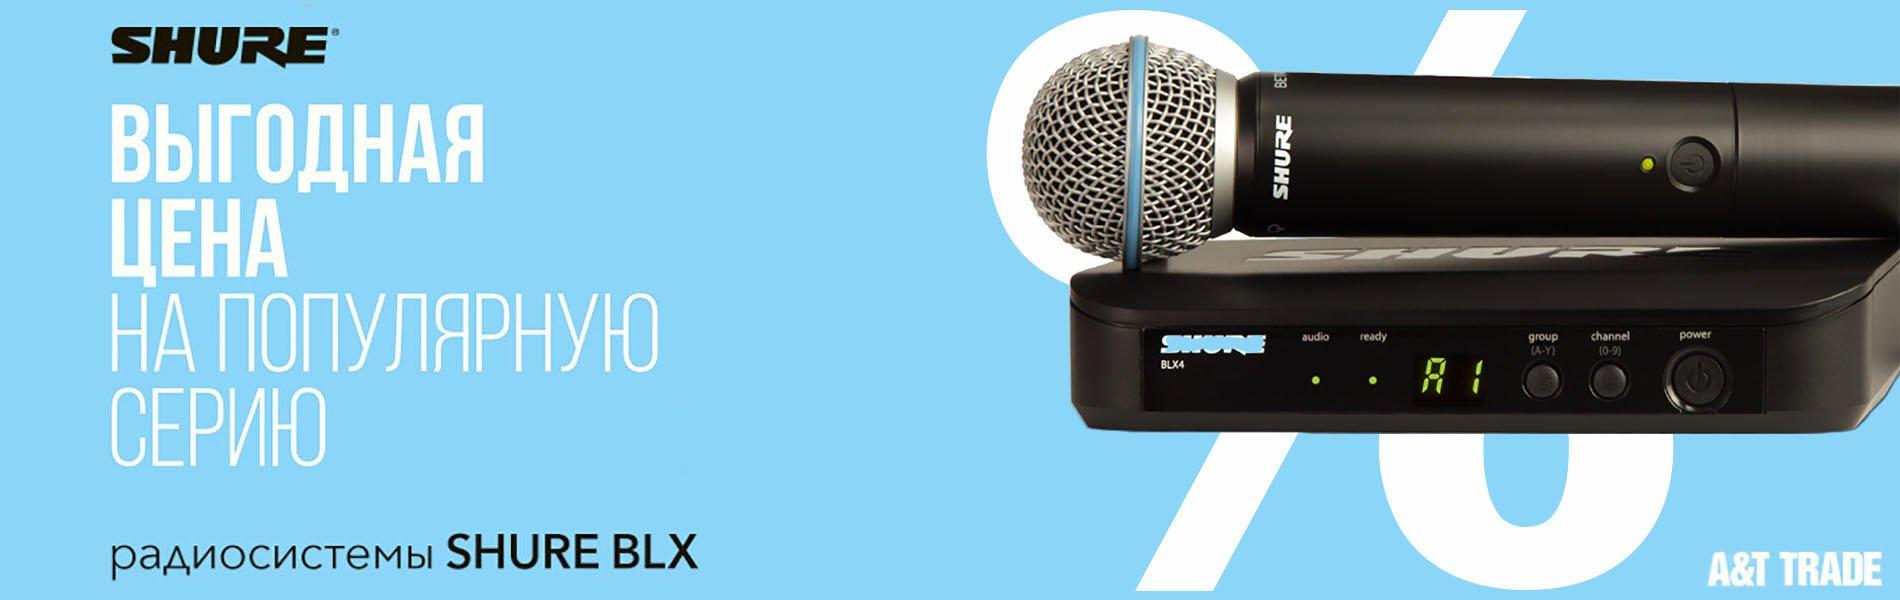 Выгодные цены на радиосистемы Shure BLX